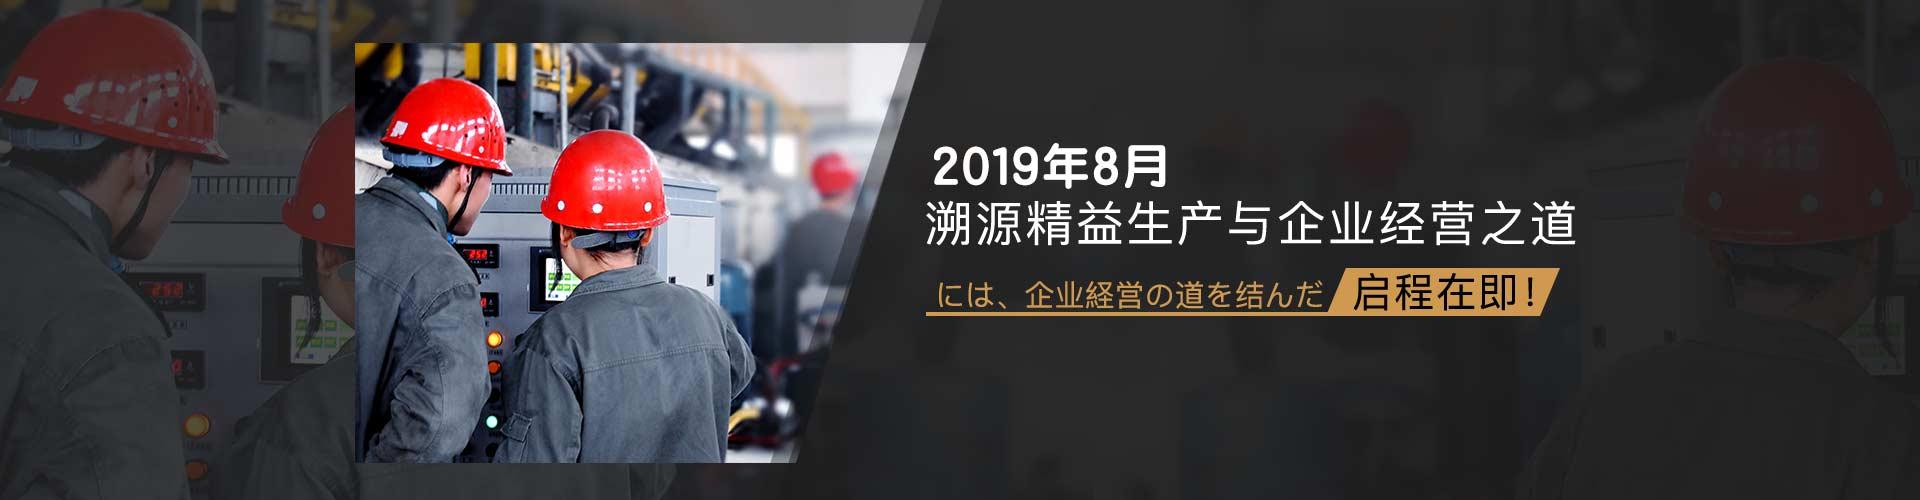 日本精益生产与企业经营深度研修班